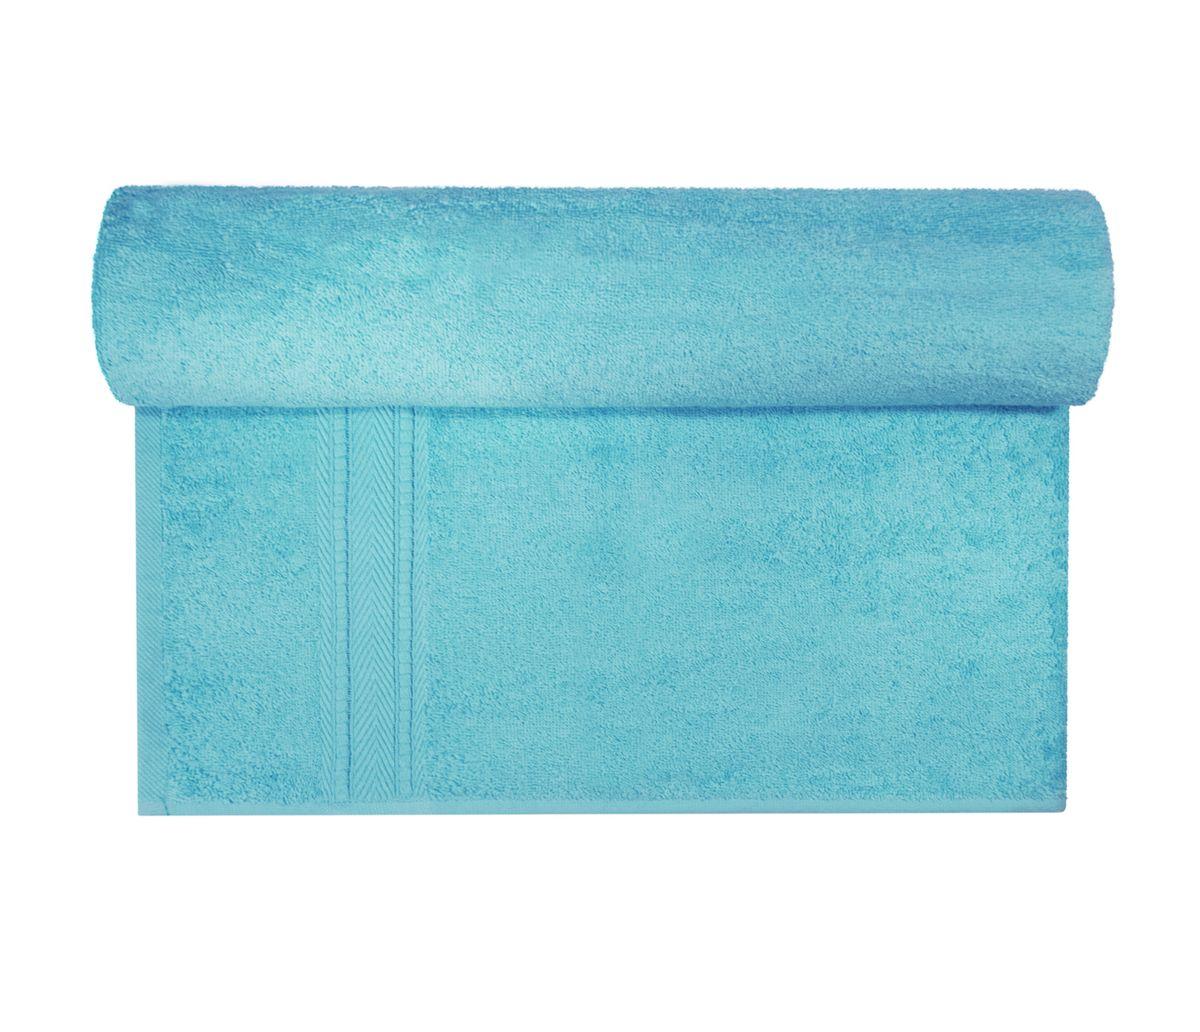 Полотенце махровое Osborn Textile, цвет: бирюзовый, 70 х 140 смRSP-202SВ состав полотенца Osborn Textile входит только натуральное волокно - хлопок. Лаконичные бордюры подойдут для любого интерьера ванной комнаты. Полотенце прекрасно впитывает влагу и быстро сохнет. При соблюдении рекомендаций по уходу не линяет и не теряет форму даже после многократных стирок. Плотность: 450 г/м2.